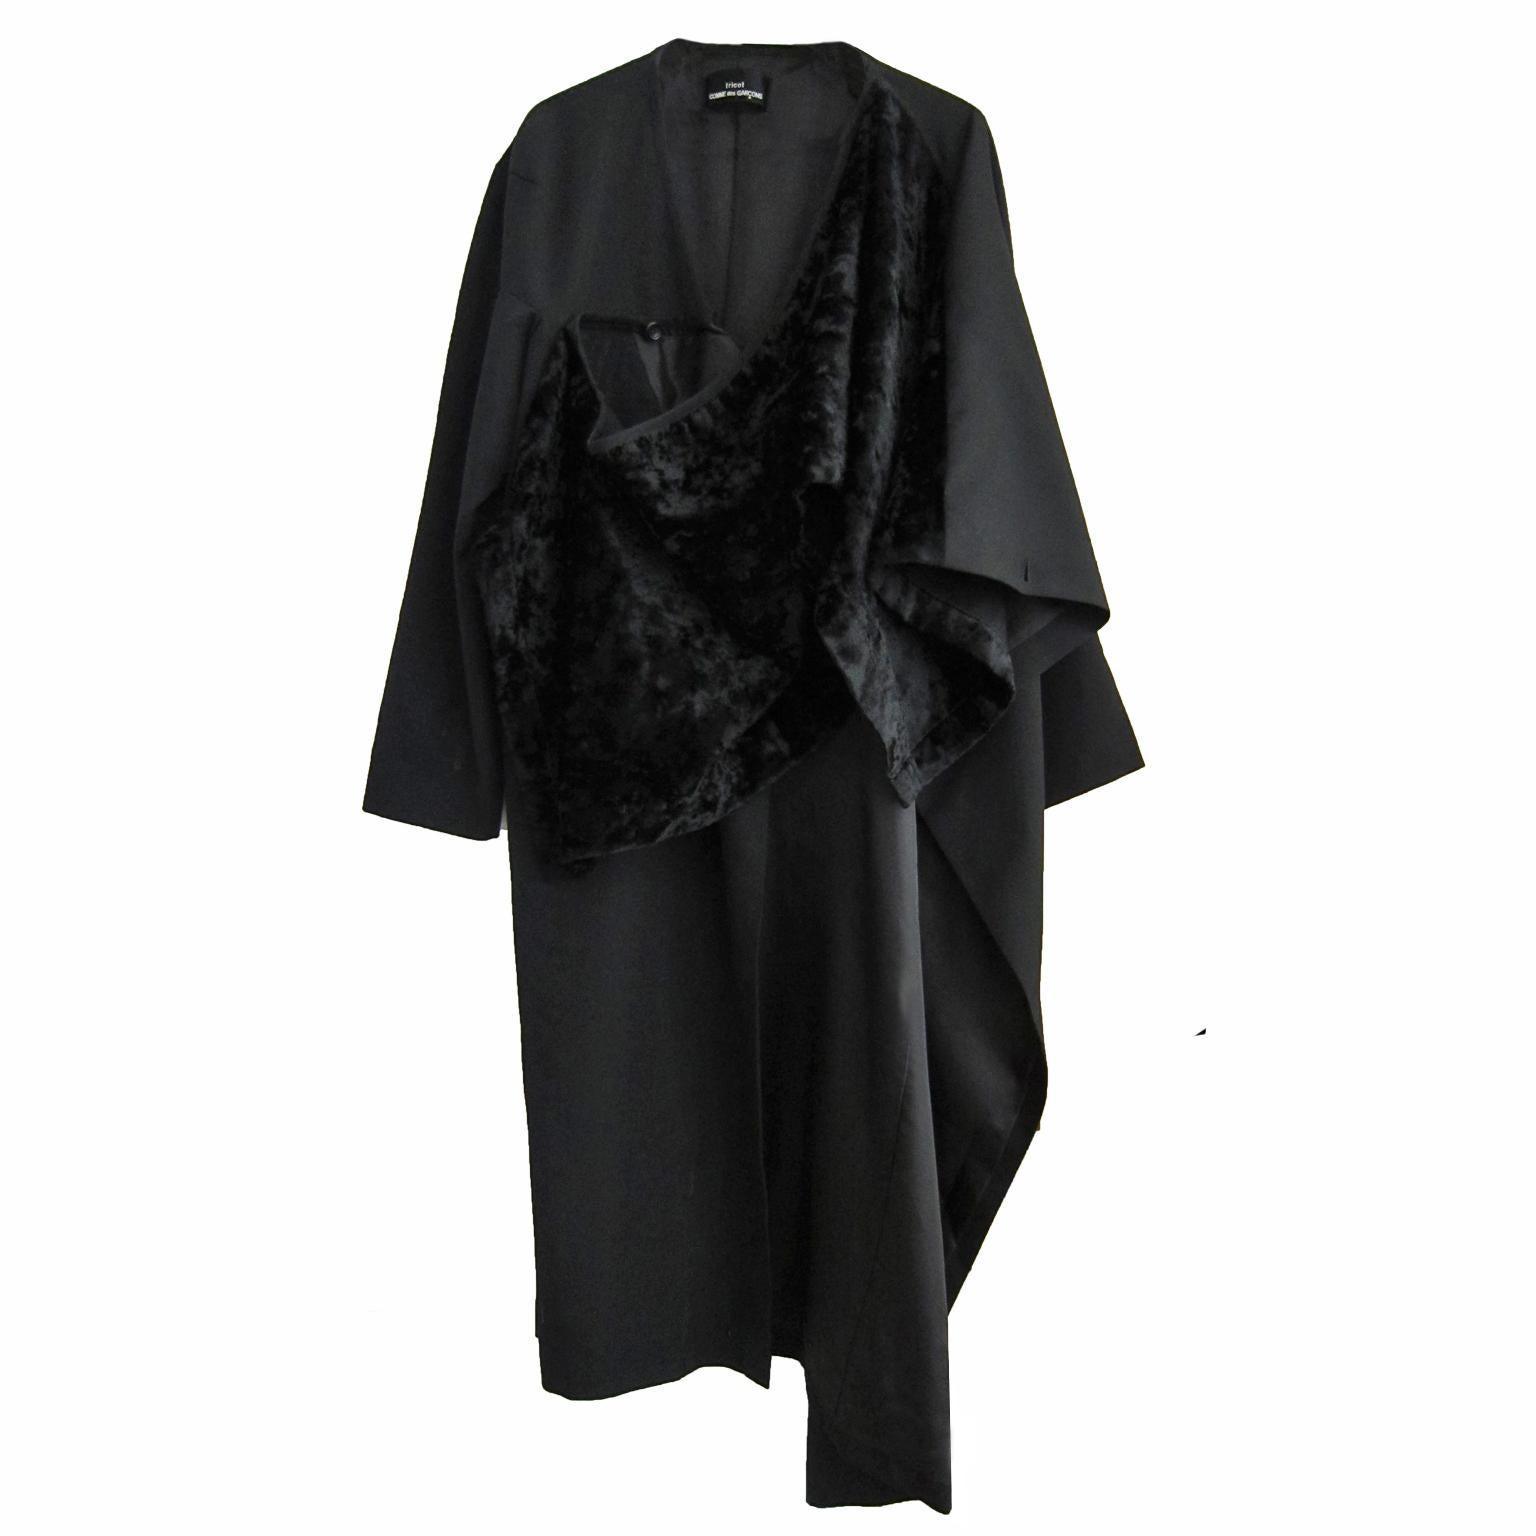 Comme des Garcons Tricot Asymmetric Black Coat AD 1999